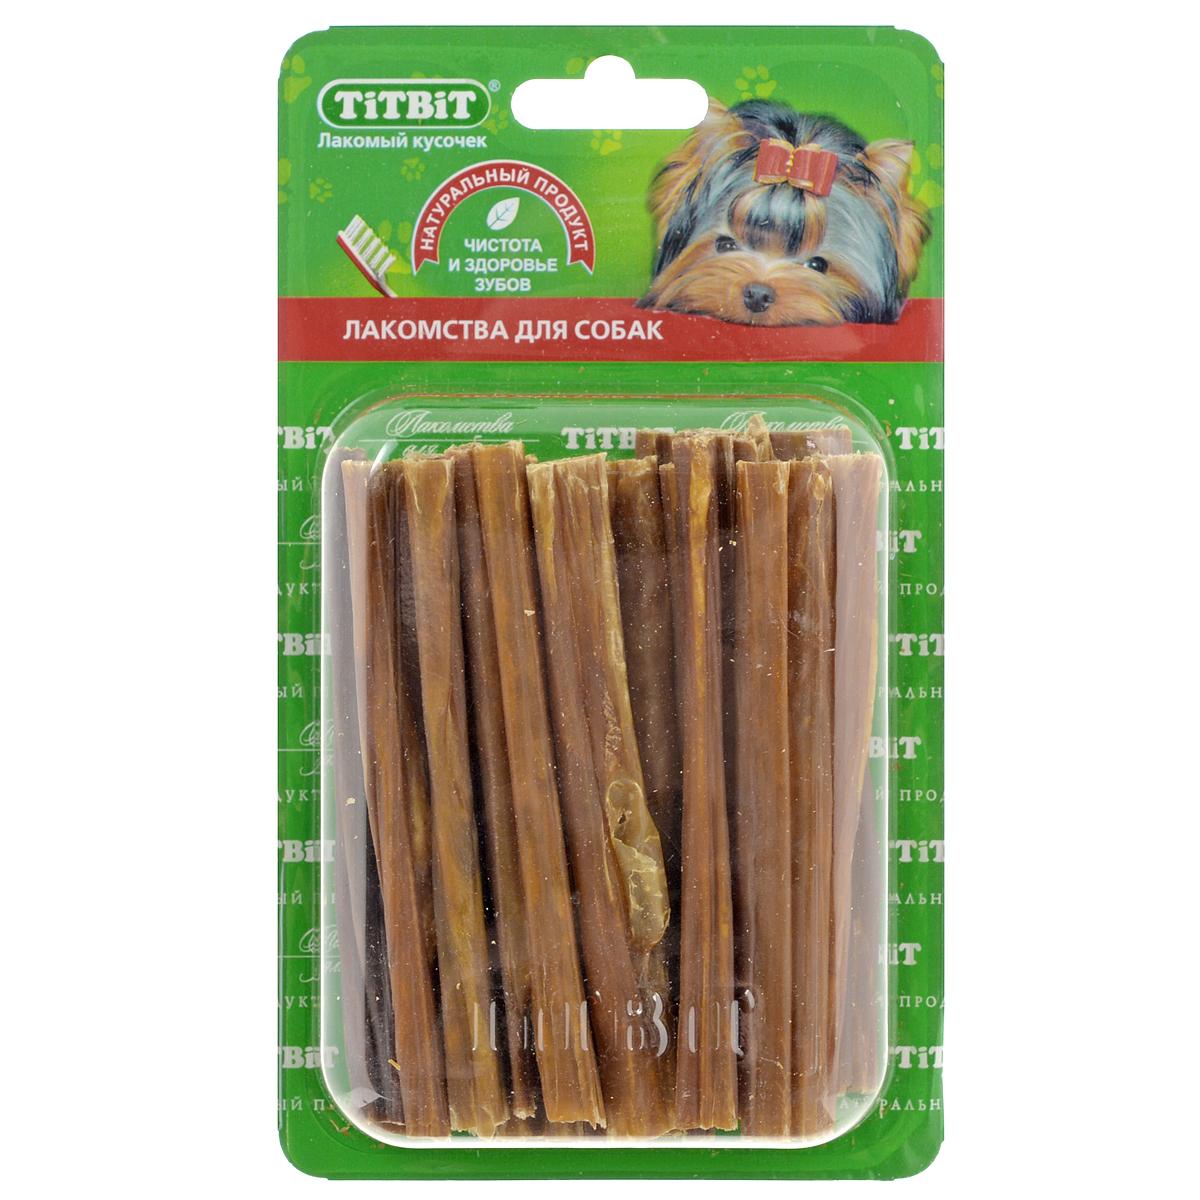 Лакомство для собак Titbit, кишки говяжьи, длина 11 см0120710Лакомство для собак Titbit изготовлено из высушенных говяжьих кишков. Упаковка содержит 12-16 штук длиной 11 см. Легкоусвояемое лакомство, богатое витаминами и ферментами микрофлоры кишечника крупного рогатого скота. Имеют большую энергетическую ценность из-за повышенного содержания жира. Богаты протеинами, которые содержат все незаменимые аминокислоты и потому усваиваются на 90-95%. Содержат минеральные вещества в большем количестве, чем все остальные продукты (в том числе кальций, магний и фосфор), жирорастворимые витамины, а также водорастворимые витамины. Рекомендации к применению: Очищает зубы у мелких пород собак, продукт полезен для стимуляции пищеварения. Рекомендовано для профилактики витаминного и ферментного дефицита у собак всех пород. Кишки - лакомства очень концентрированные, насыщенные ферментами и богатые жиром. Они не предназначены для частого применения (2, максимум 3 раза в неделю при хорошей переносимости, а также в зависимости от рациона собаки). По той же причине они рекомендованы к применению не ранее чем с 6-месячного возраста. Не рекомендовано давать данный вид лакомств на голодный желудок. Состав: высушенные говяжьи кишки. Среднее количество в одной упаковке: 12 - 16 шт.Длина лакомства: 11 см.